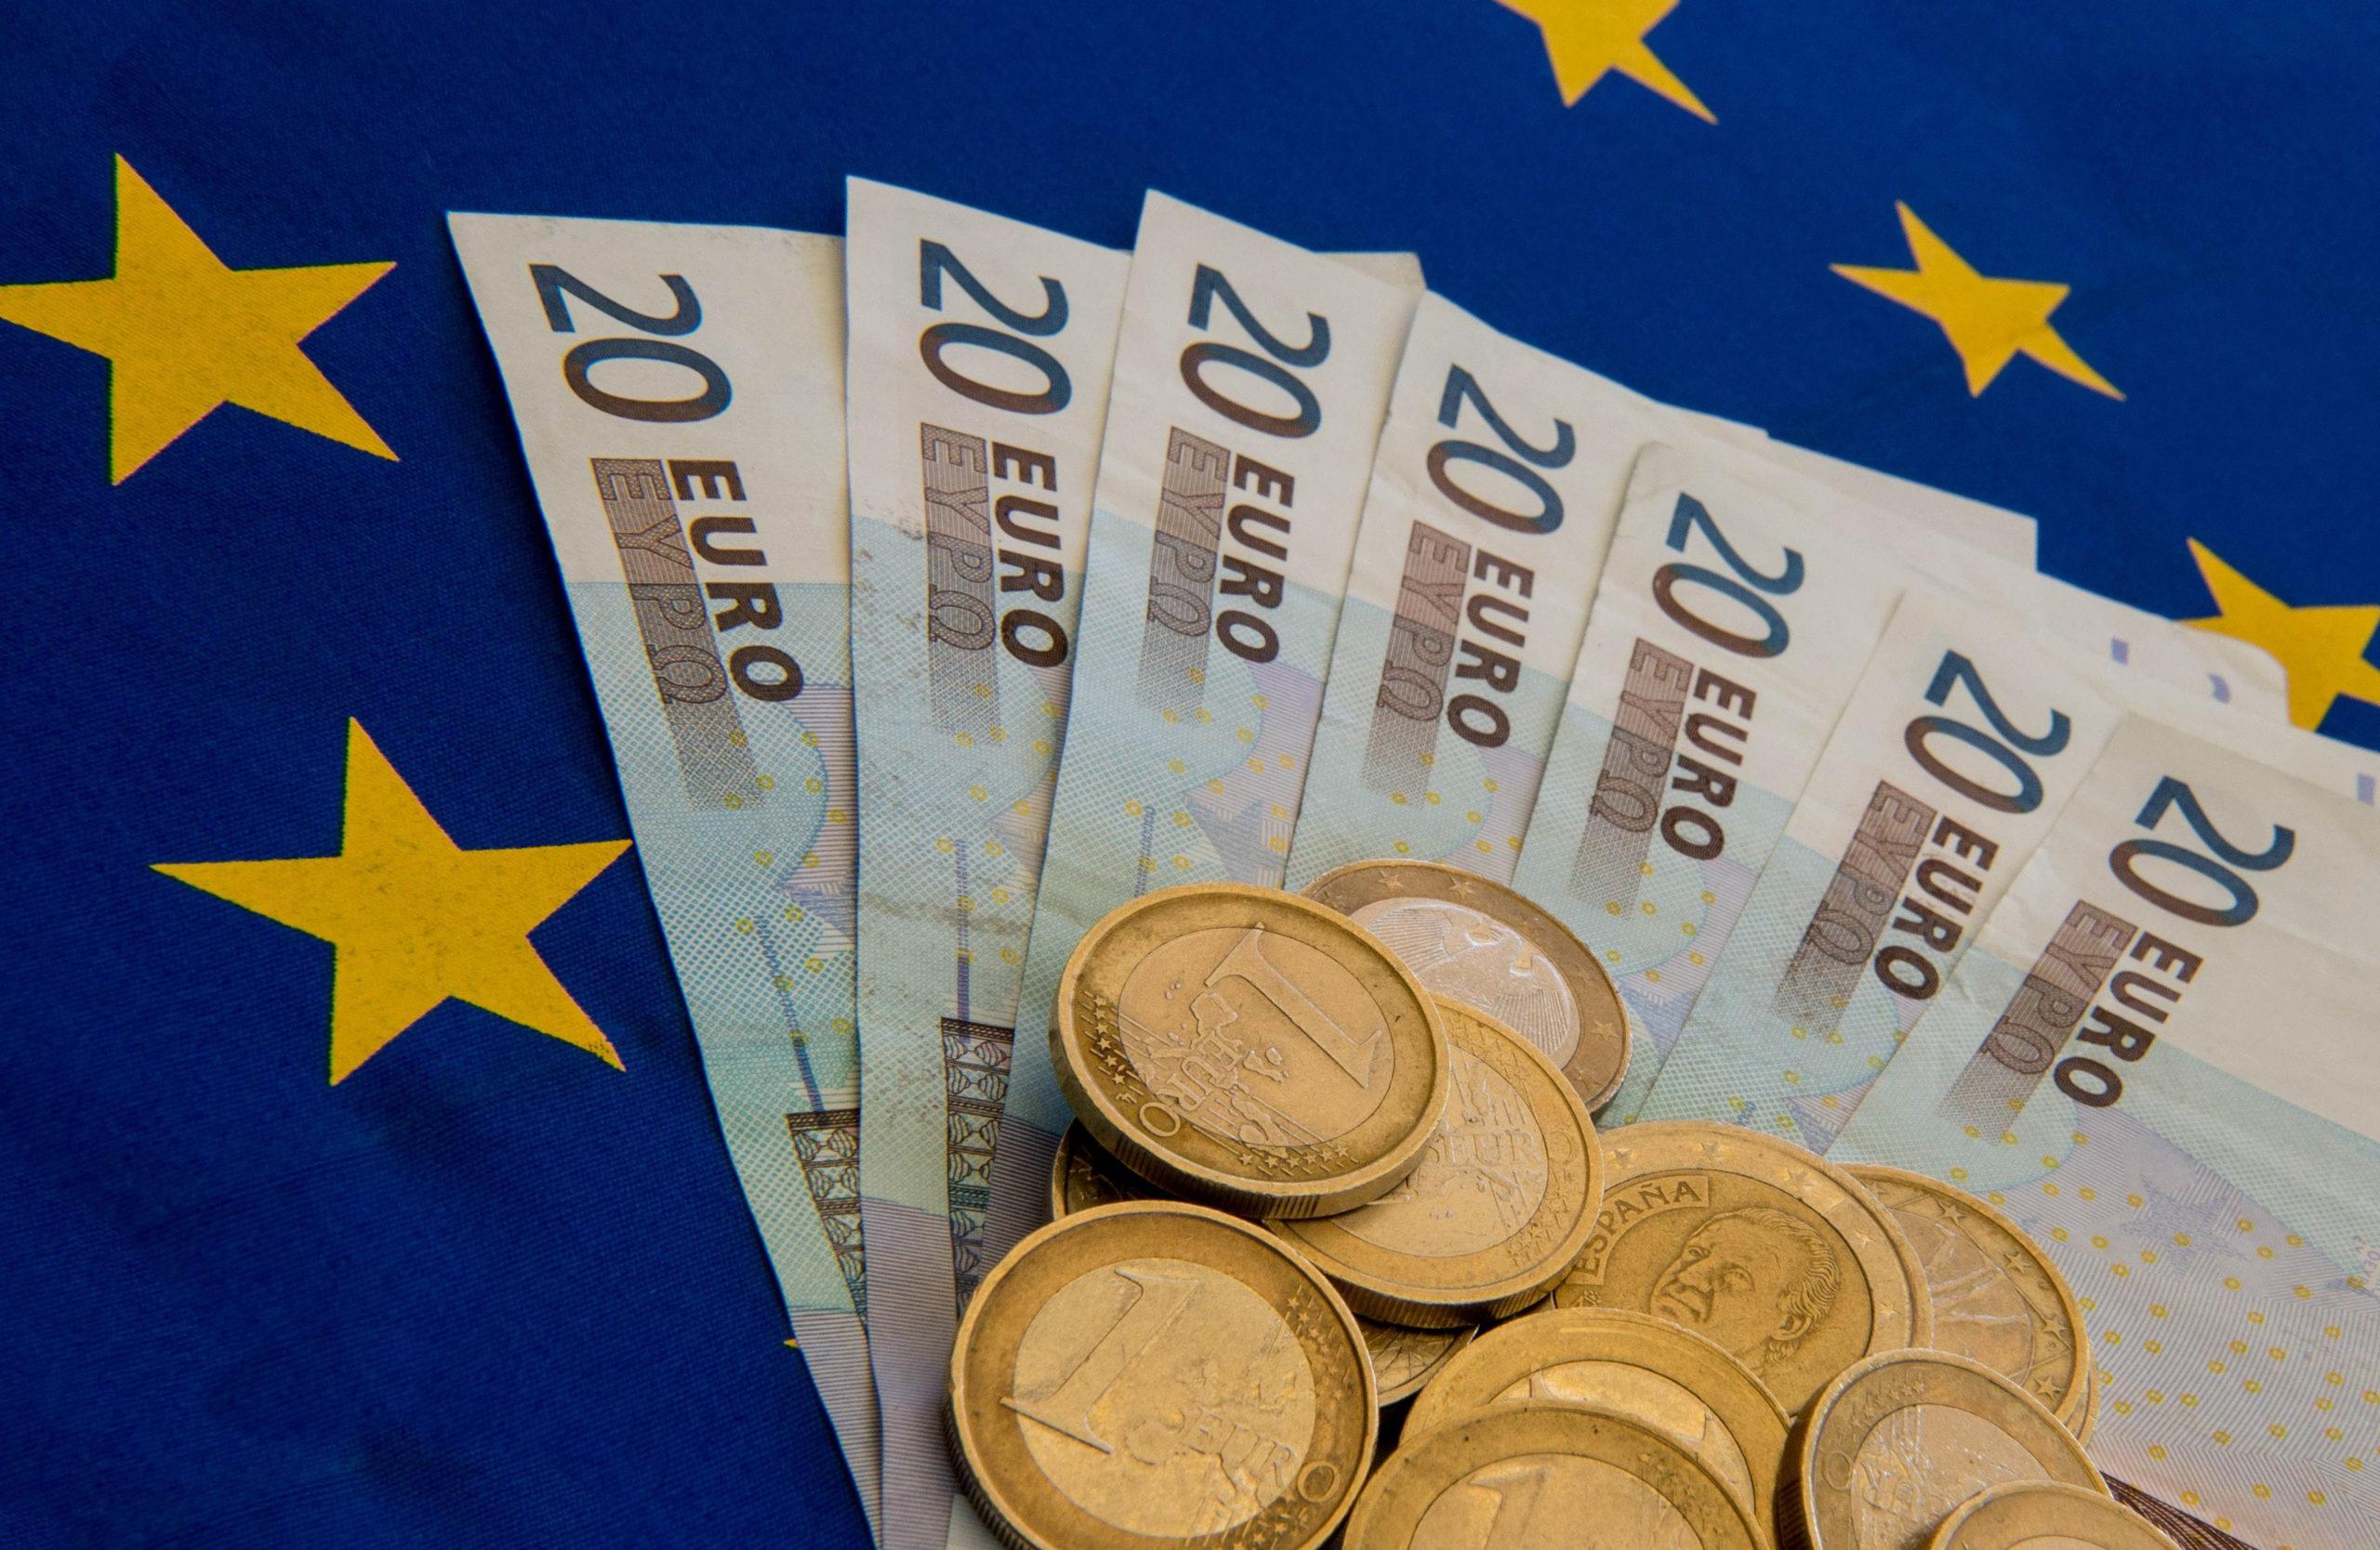 Финансовая система Европейского союза - деньги евро